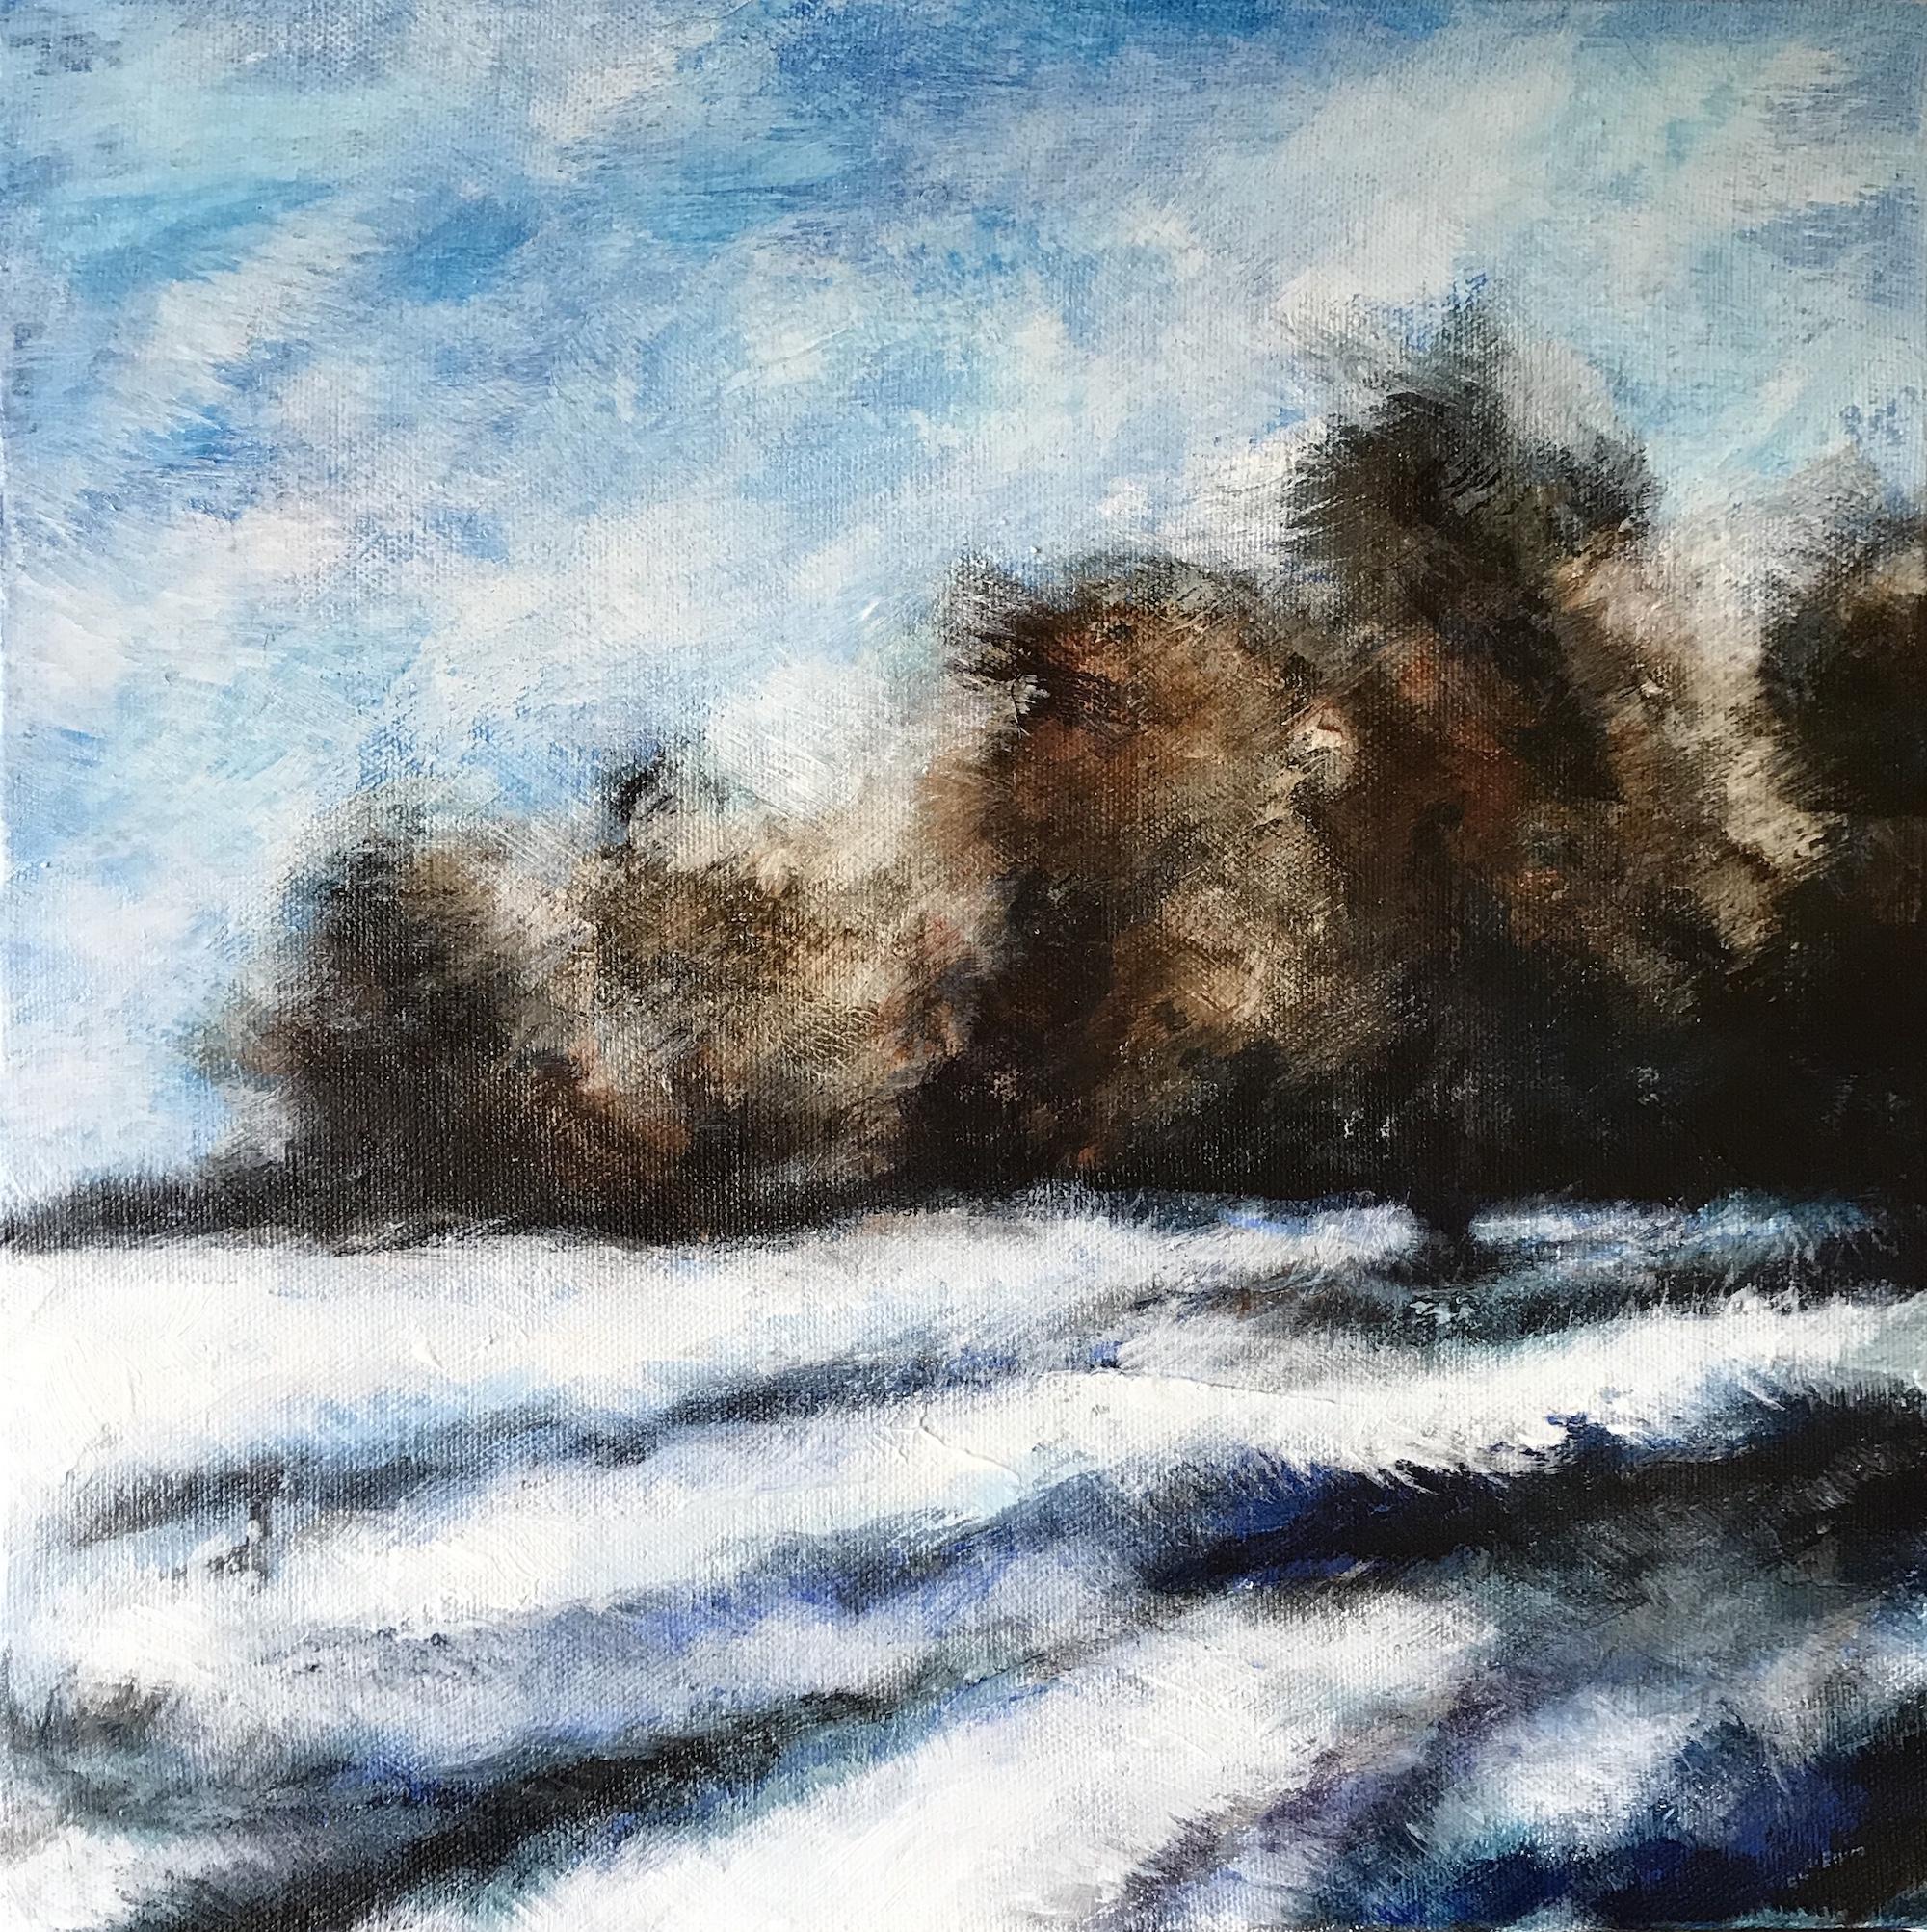 Snow Day 2 - acrylic on canvas  30x30cm